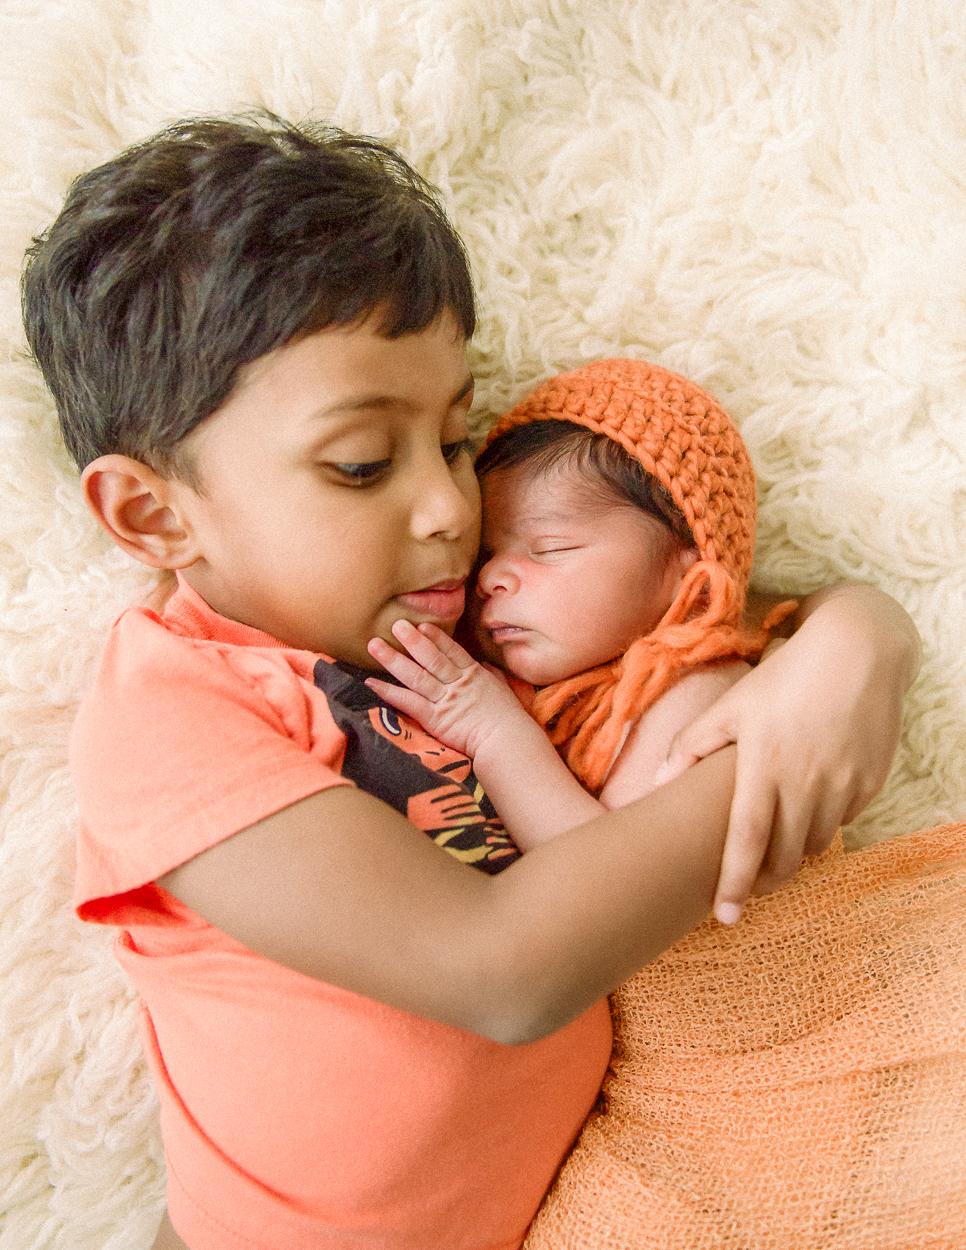 newborn_virginiaphotographer_fredericksburgnewborn_Richmondnewborn_youseephotography_babyboyA (17).JPG